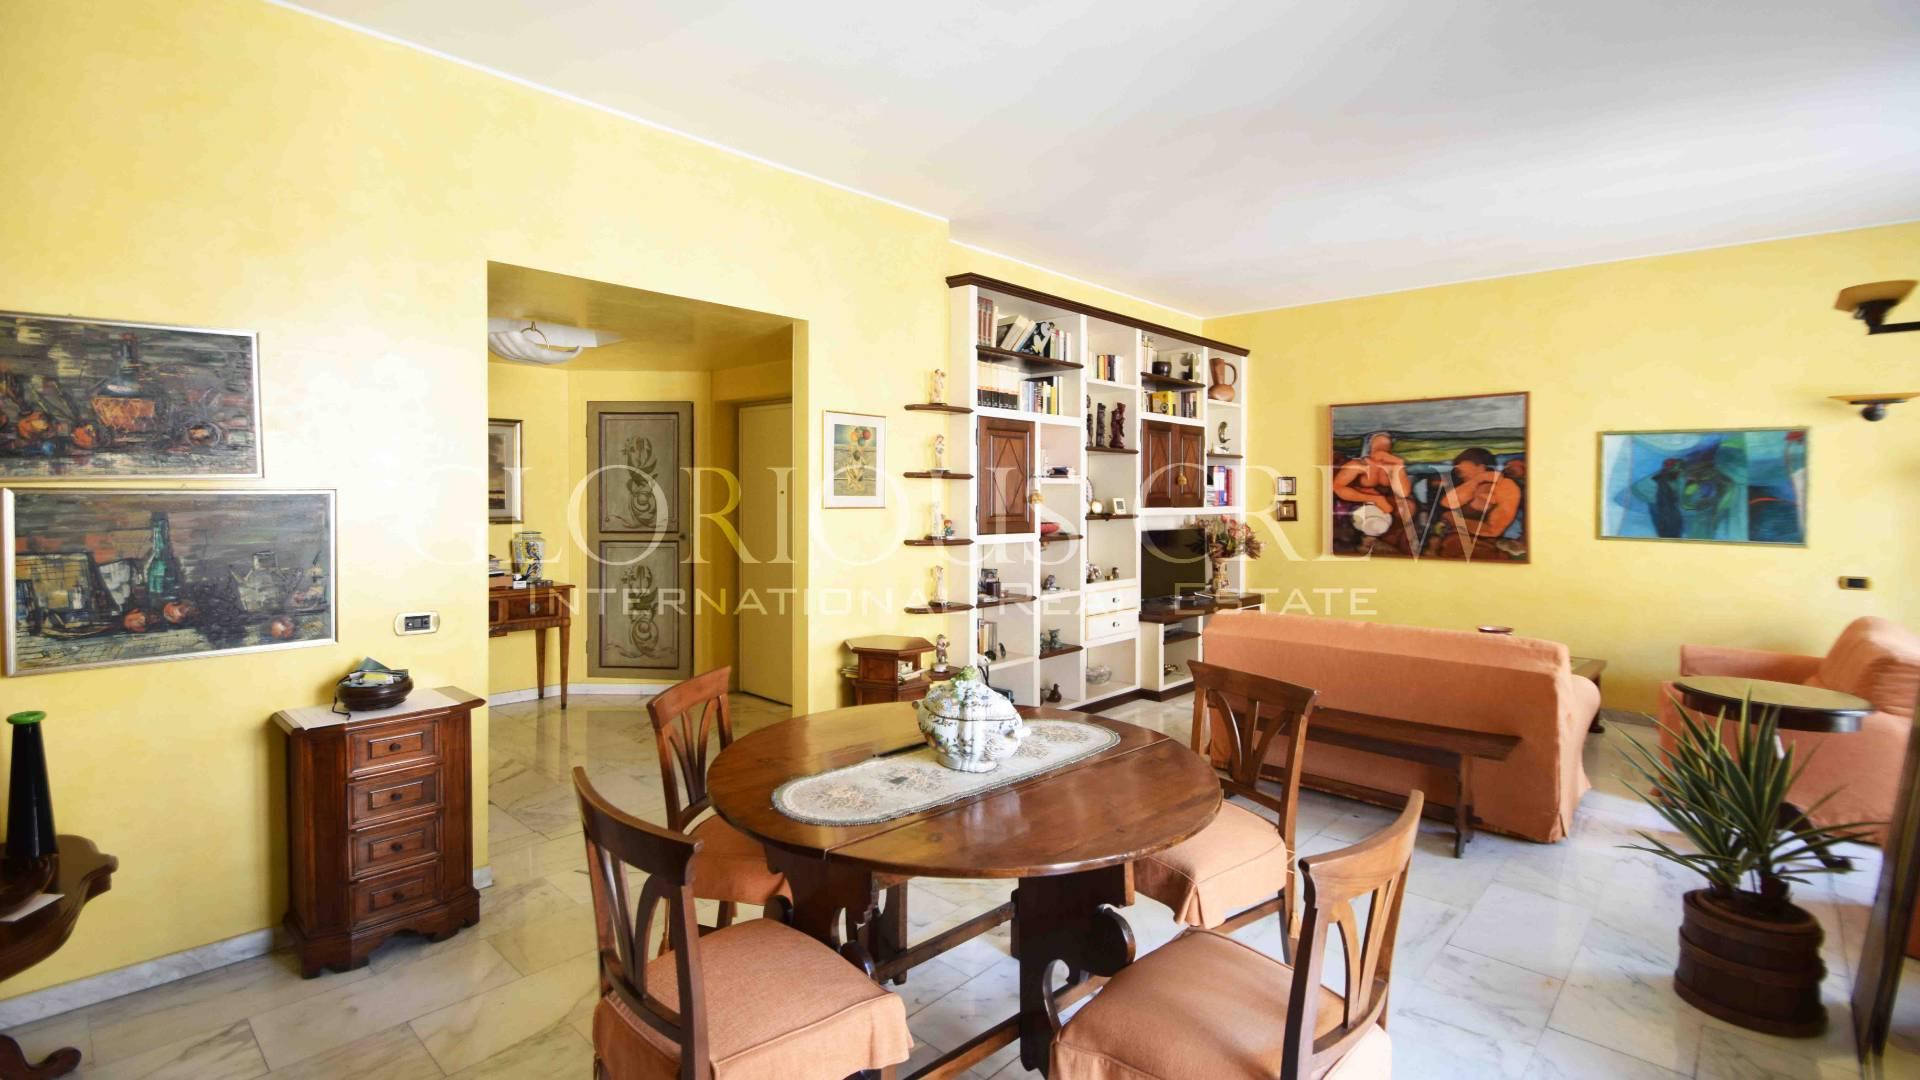 Appartamento in Vendita a Milano: 3 locali, 133 mq - Foto 4